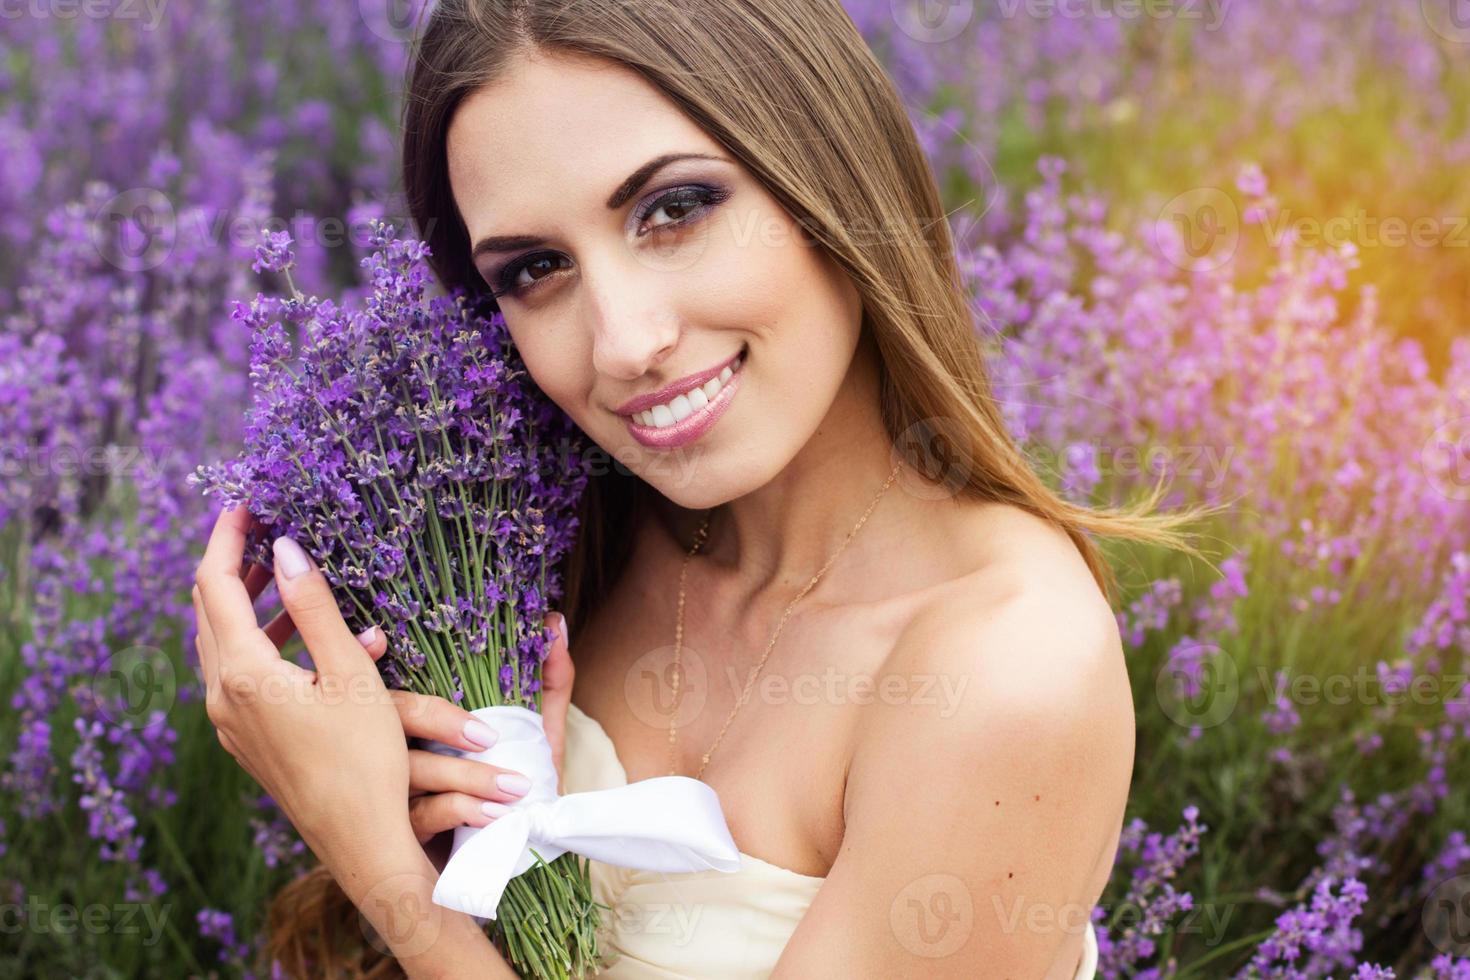 Porträt des Mädchens mit Mode-Make-up am lila Lavendelfeld foto